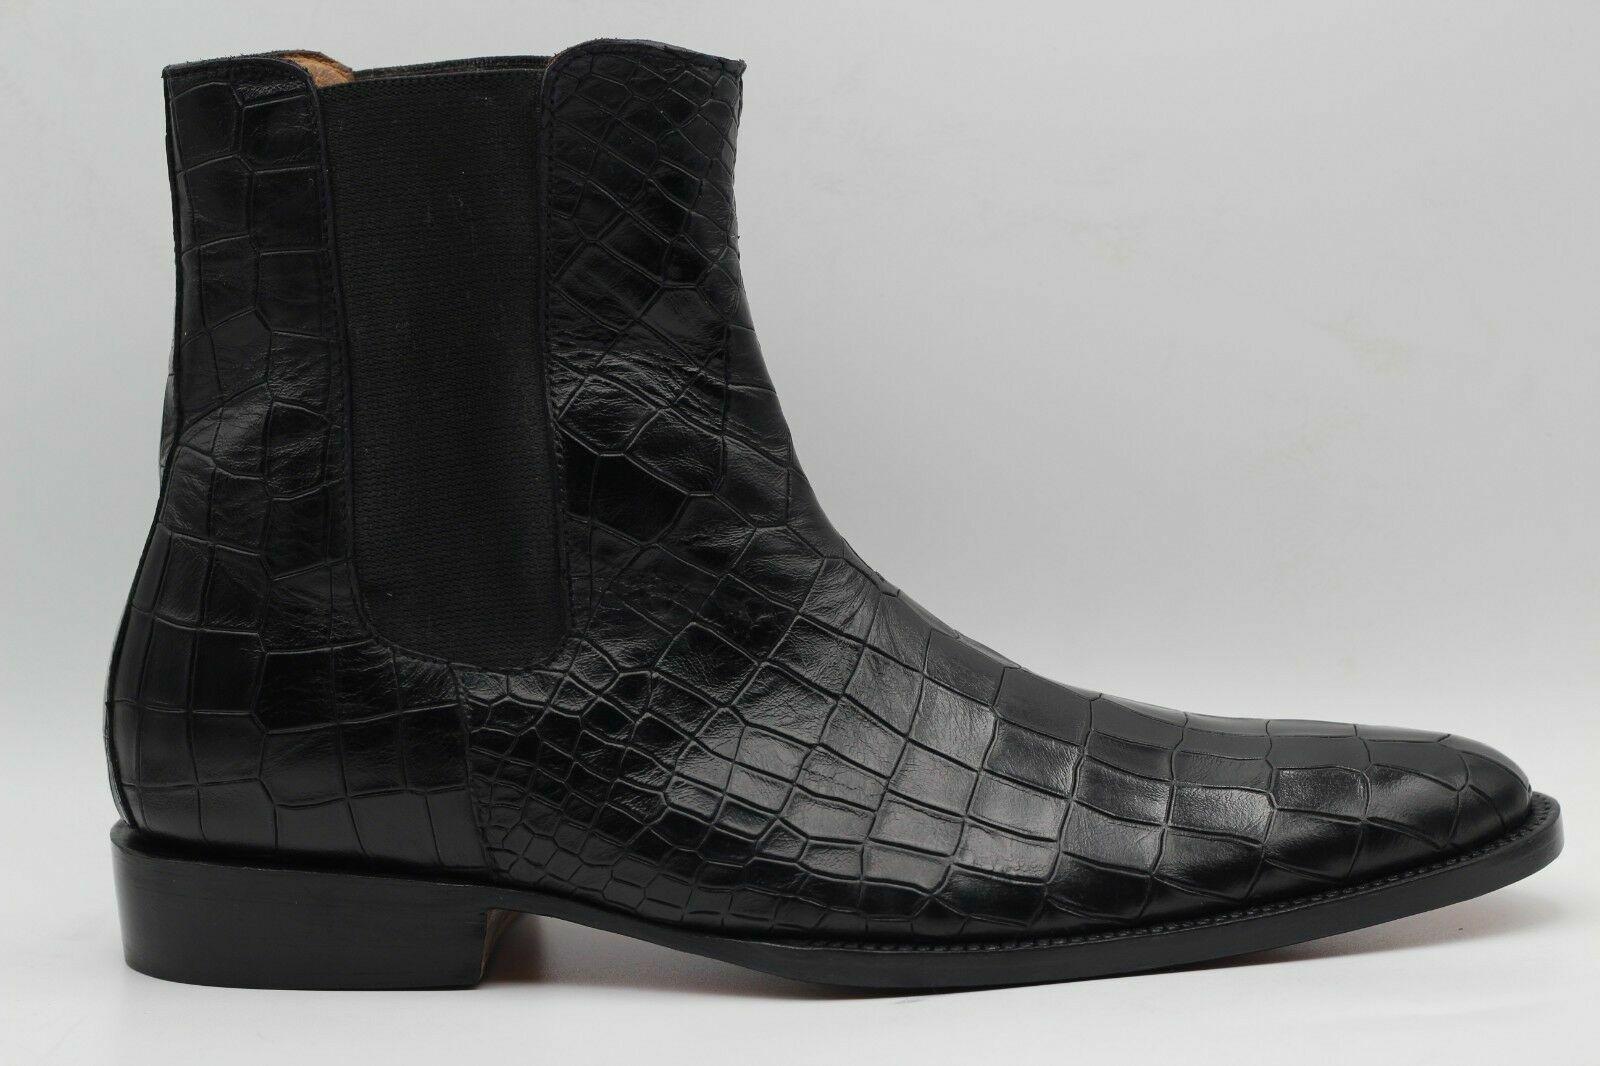 botas para hombre hecho a mano Genuino Negro De Piel De Becerro Cocodrilo Estampado Casual Chelsea